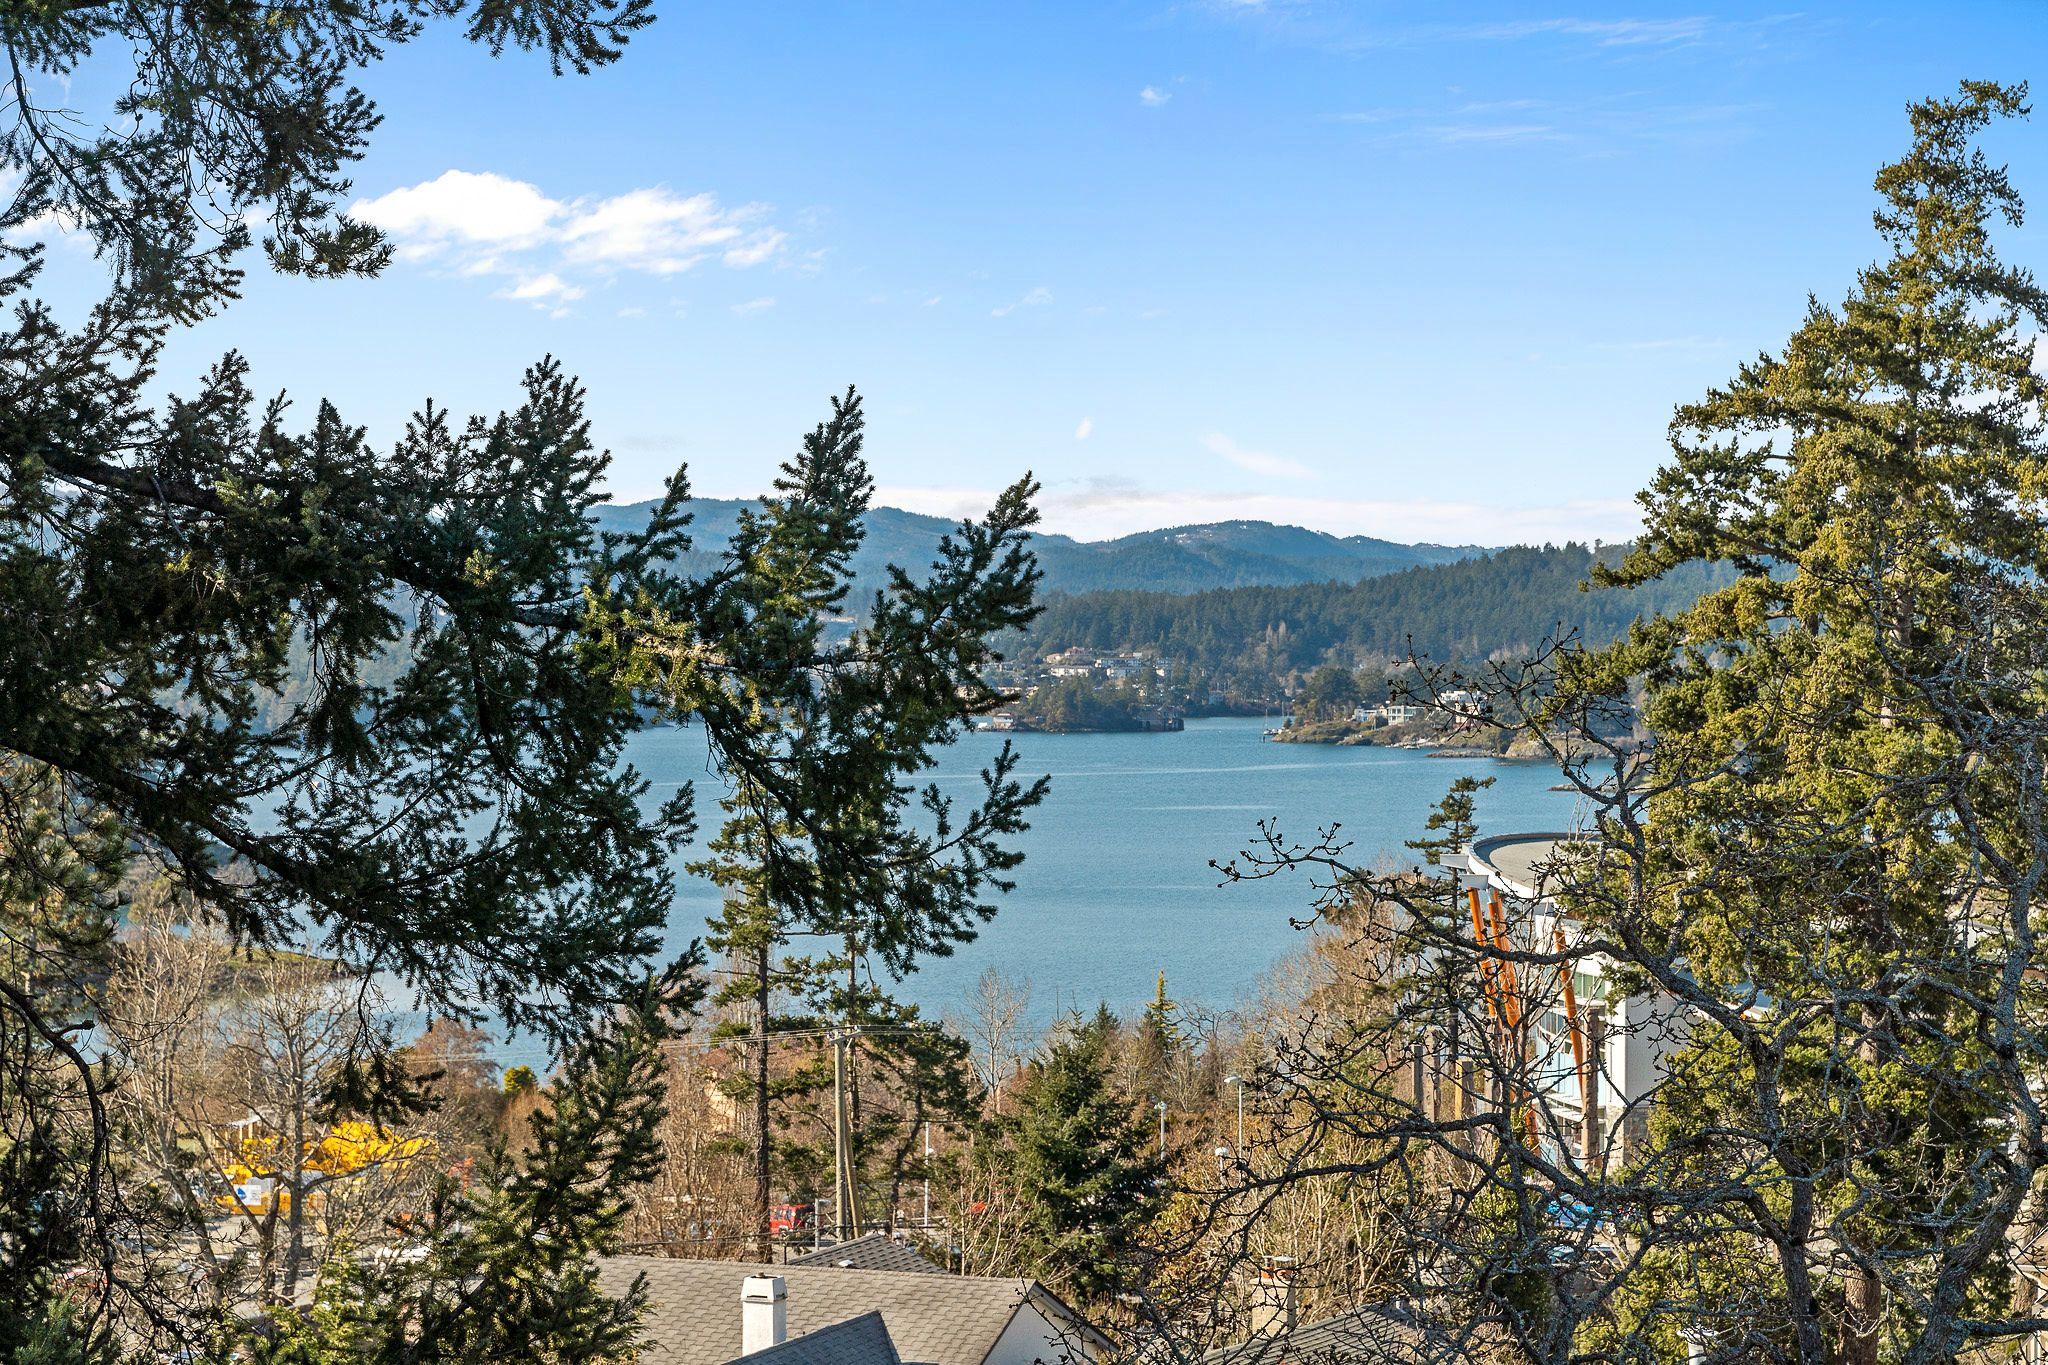 Main Photo: 19 933 Admirals Rd in : Es Esquimalt Row/Townhouse for sale (Esquimalt)  : MLS®# 845320